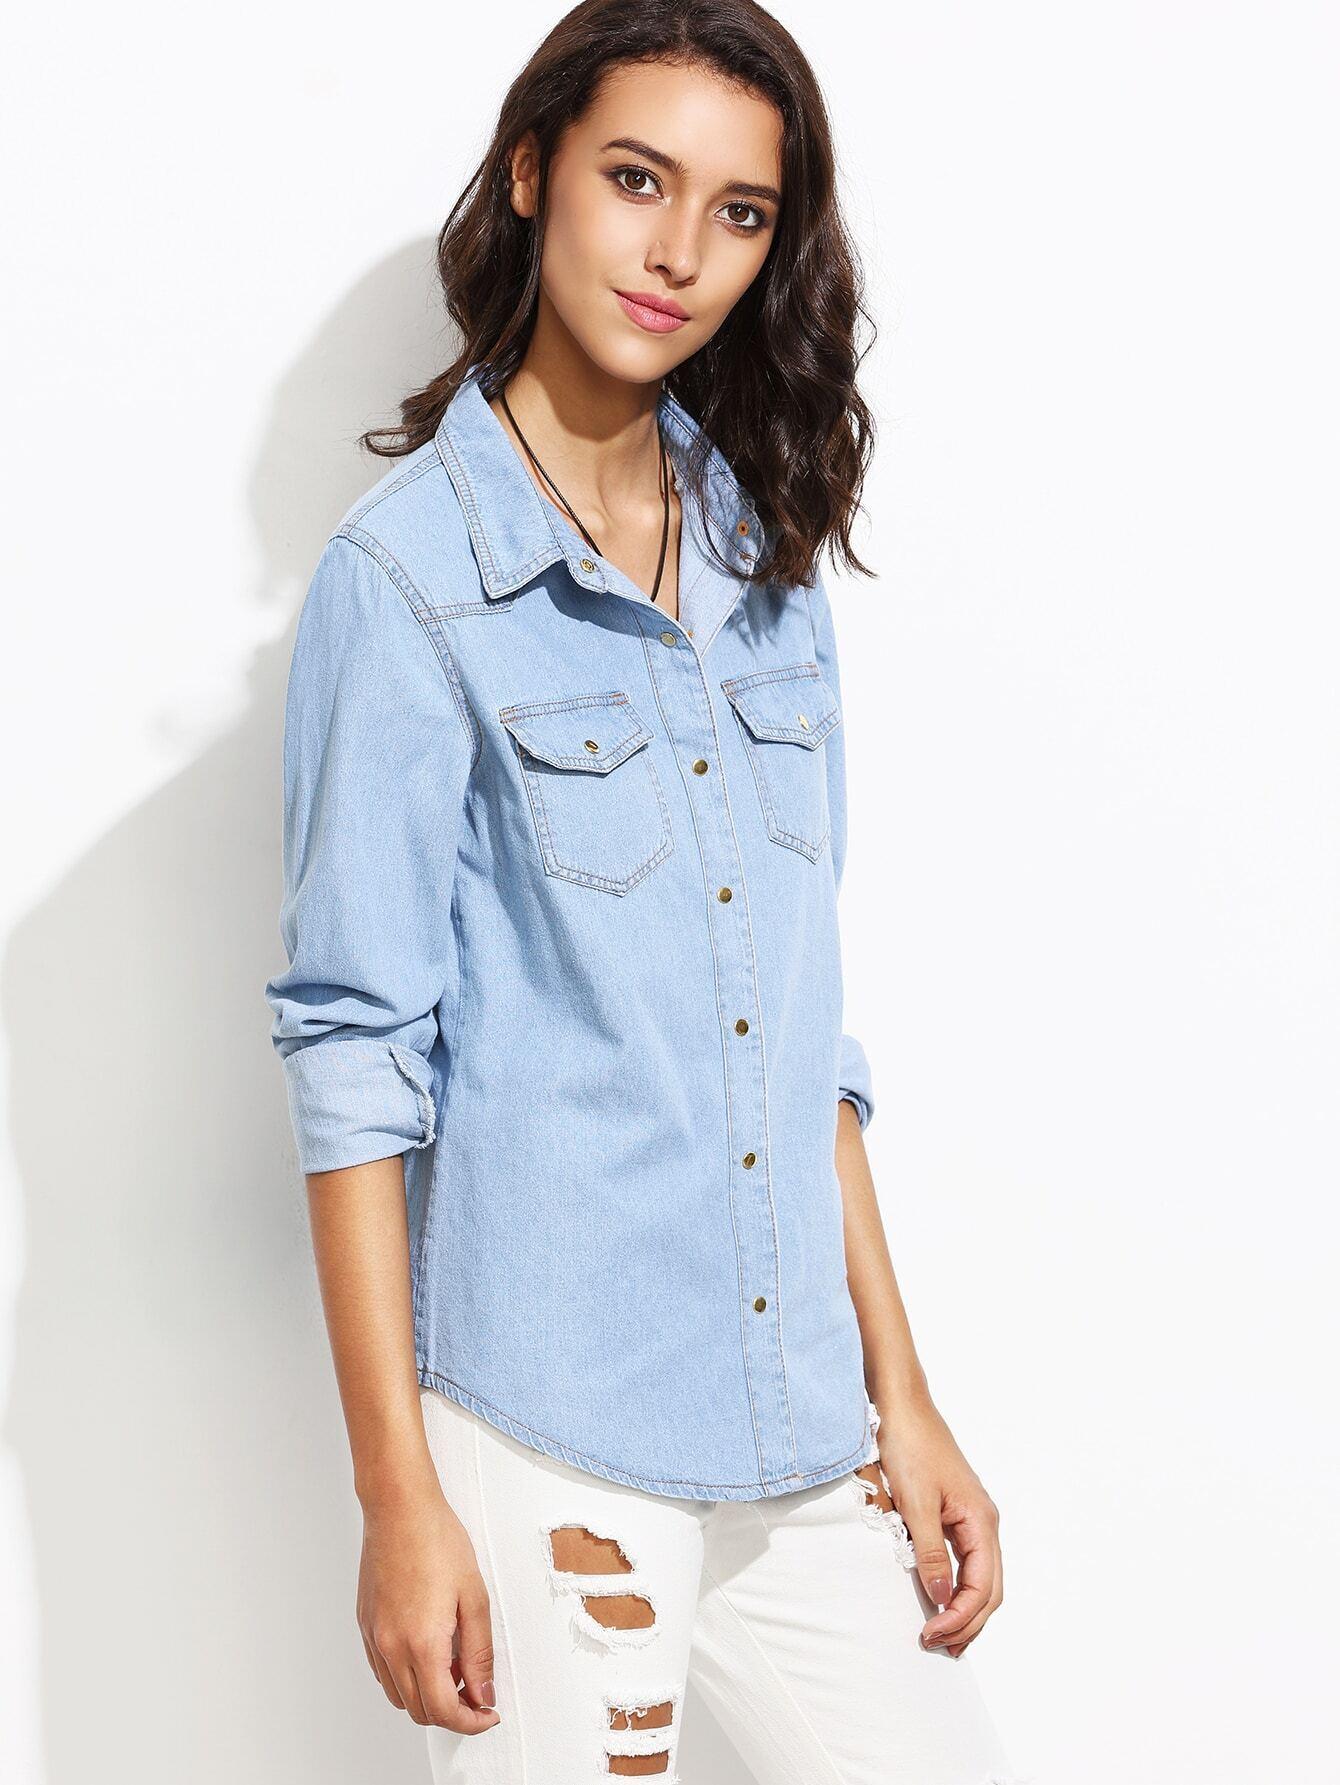 denim shirt pockets - photo #44